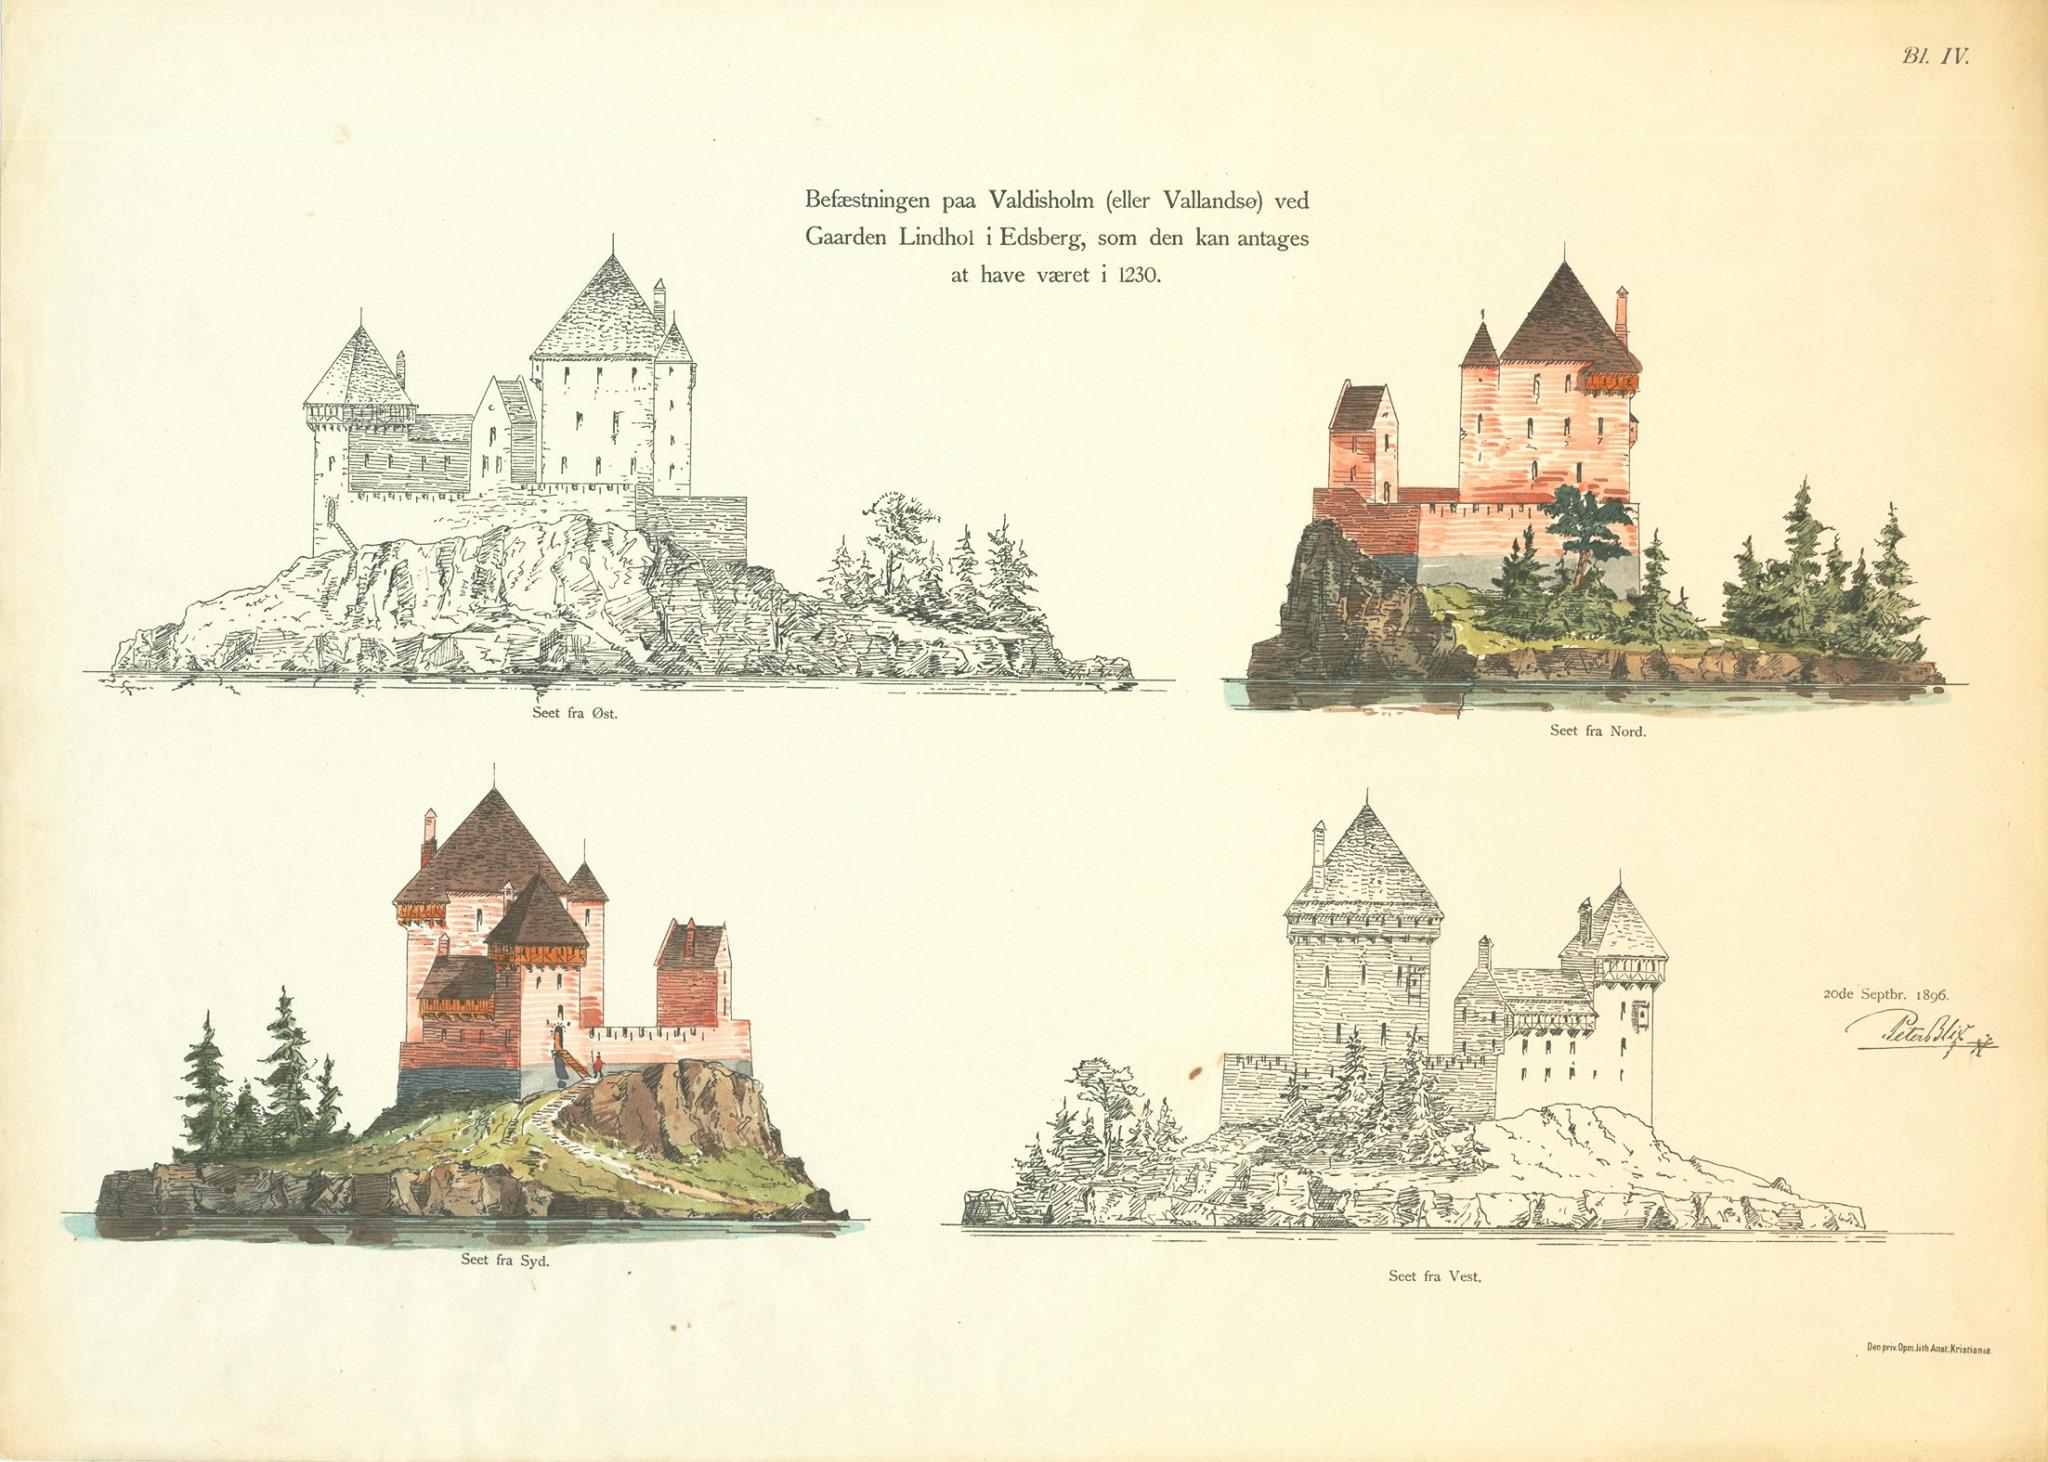 Tegning av Valdisholm borg